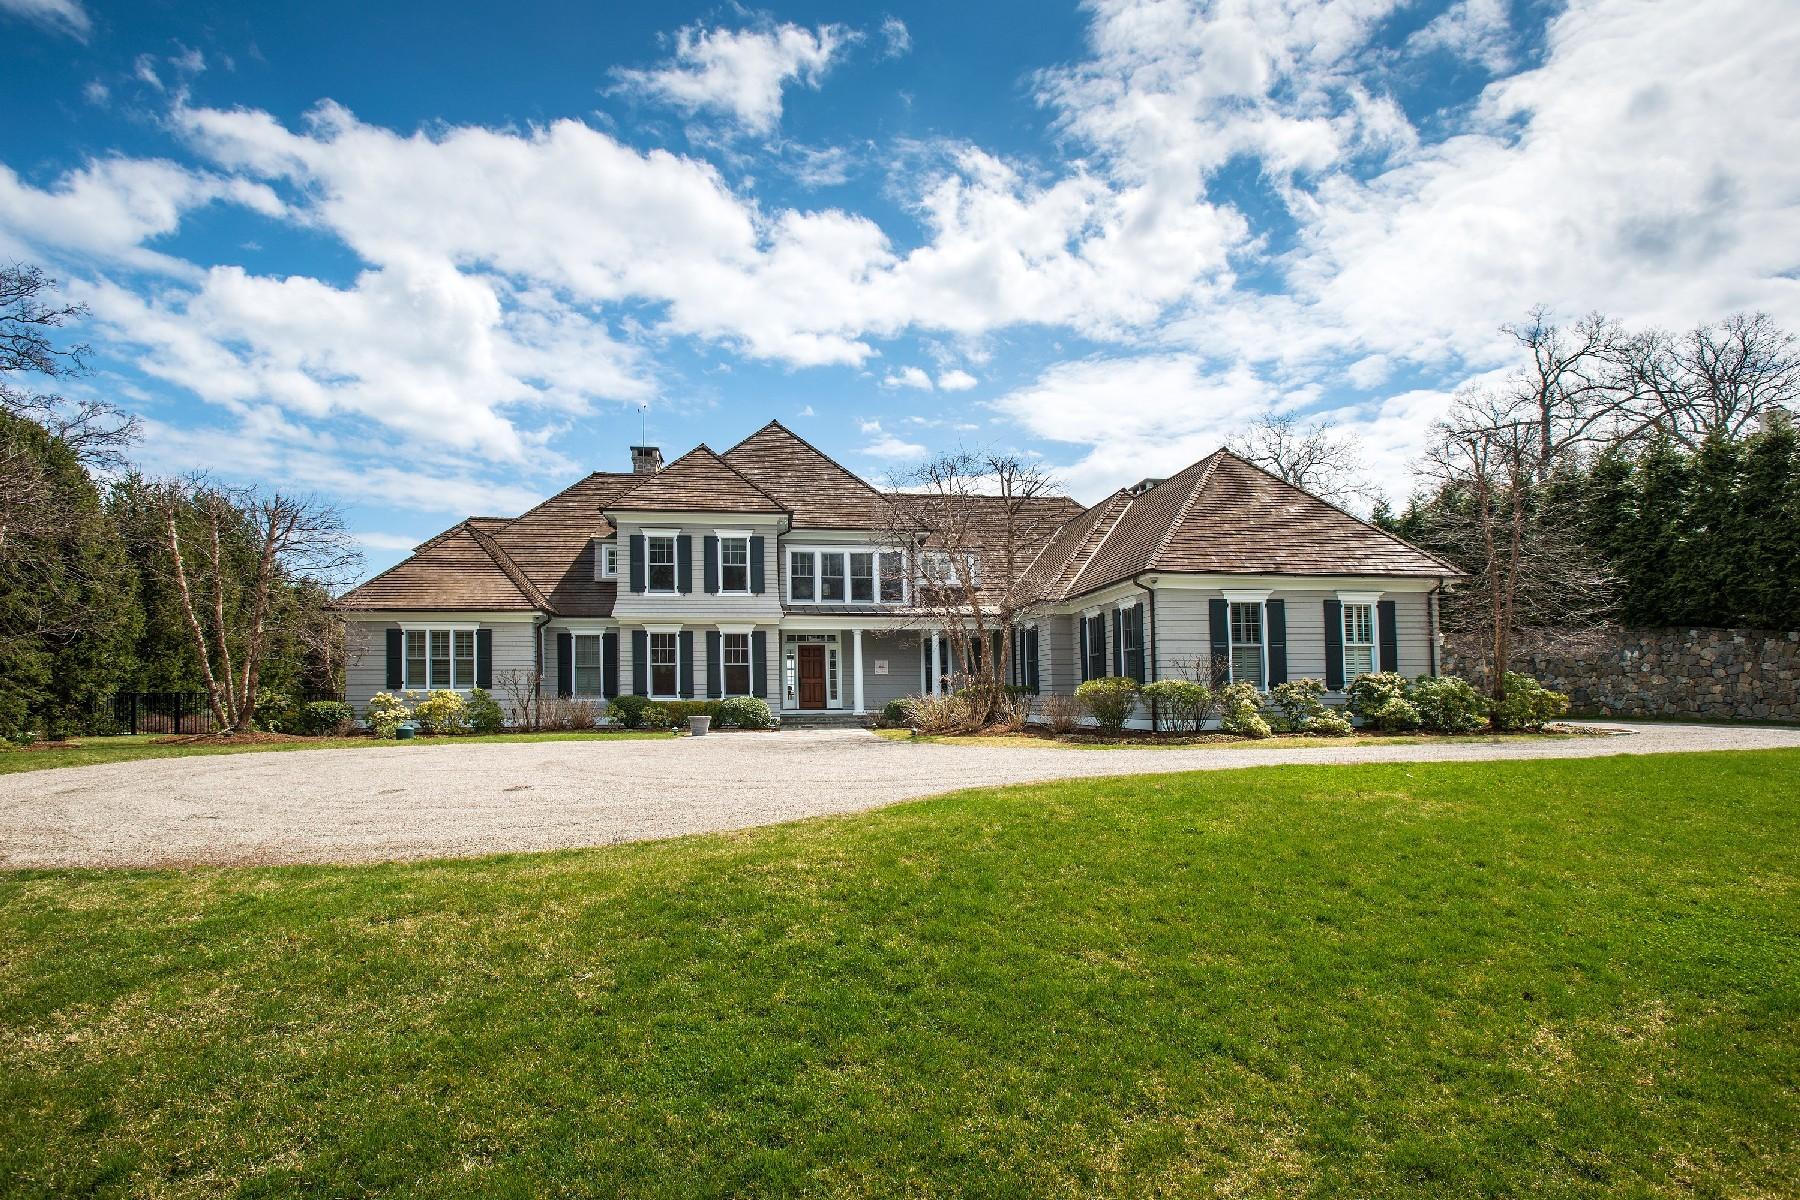 独户住宅 为 销售 在 Wilson Point - Spectacular Waterviews 10 Woodland Road 诺瓦克, 康涅狄格州, 06854 美国